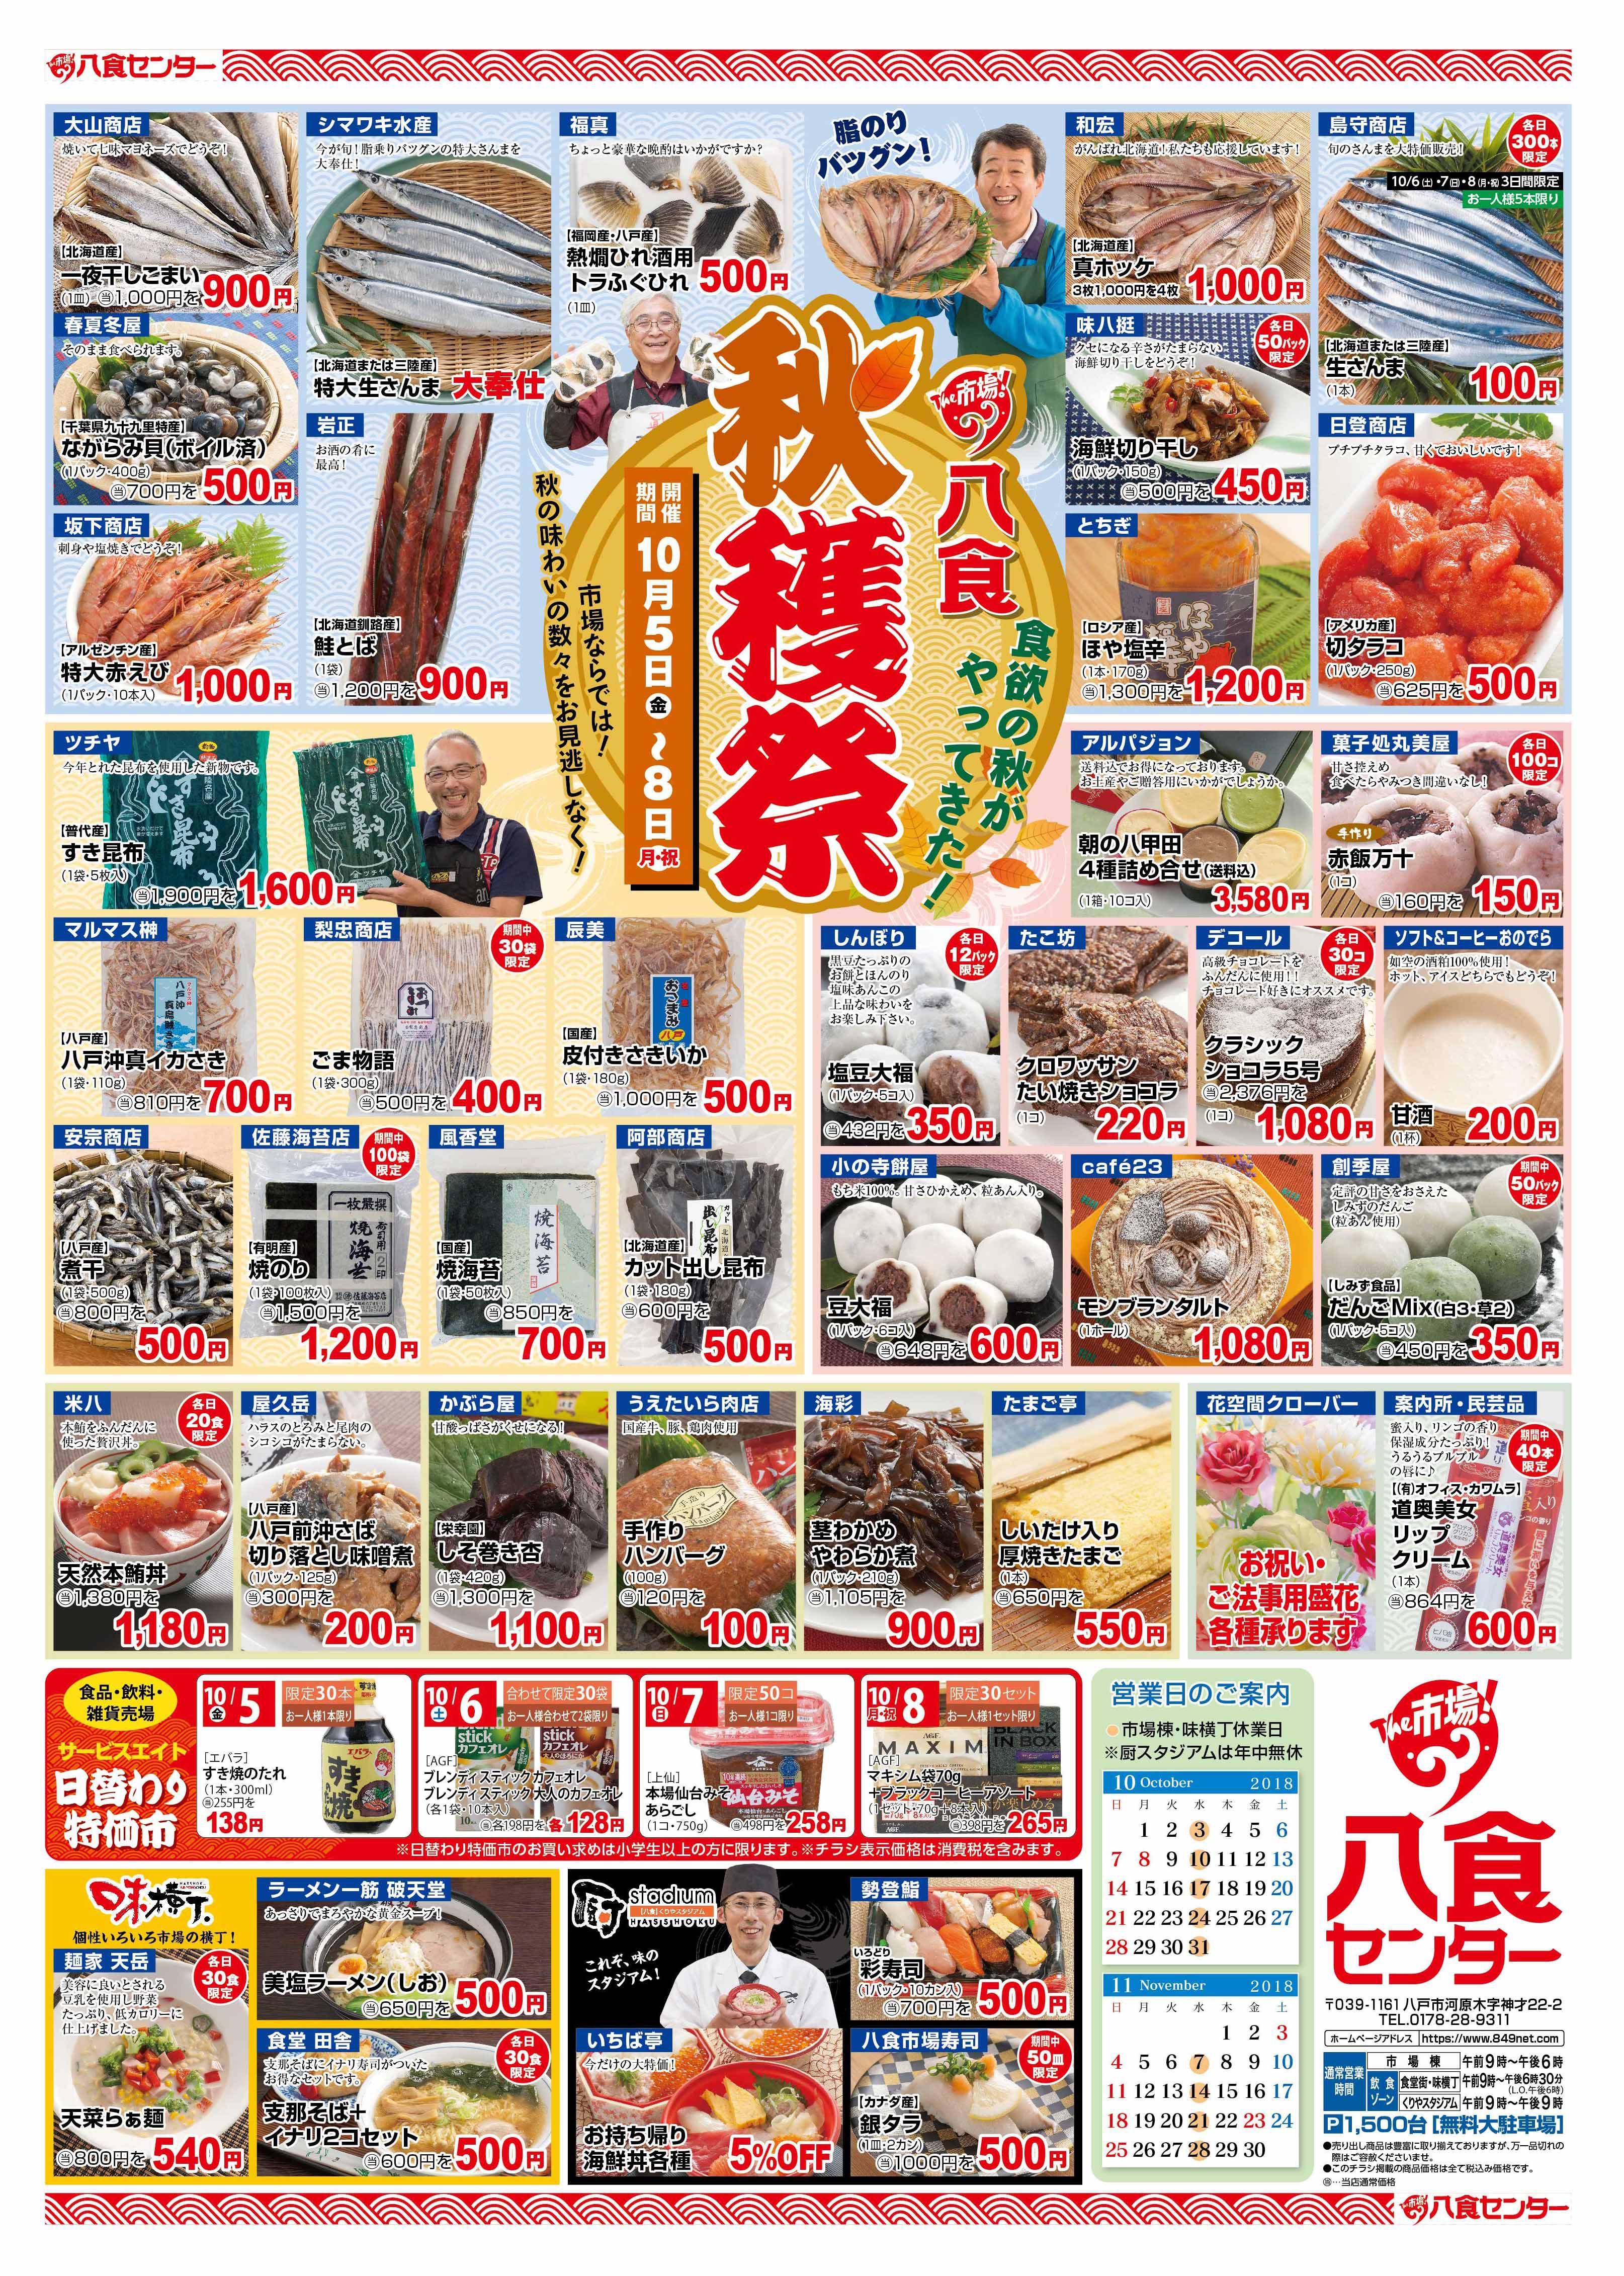 『八食秋穫祭』